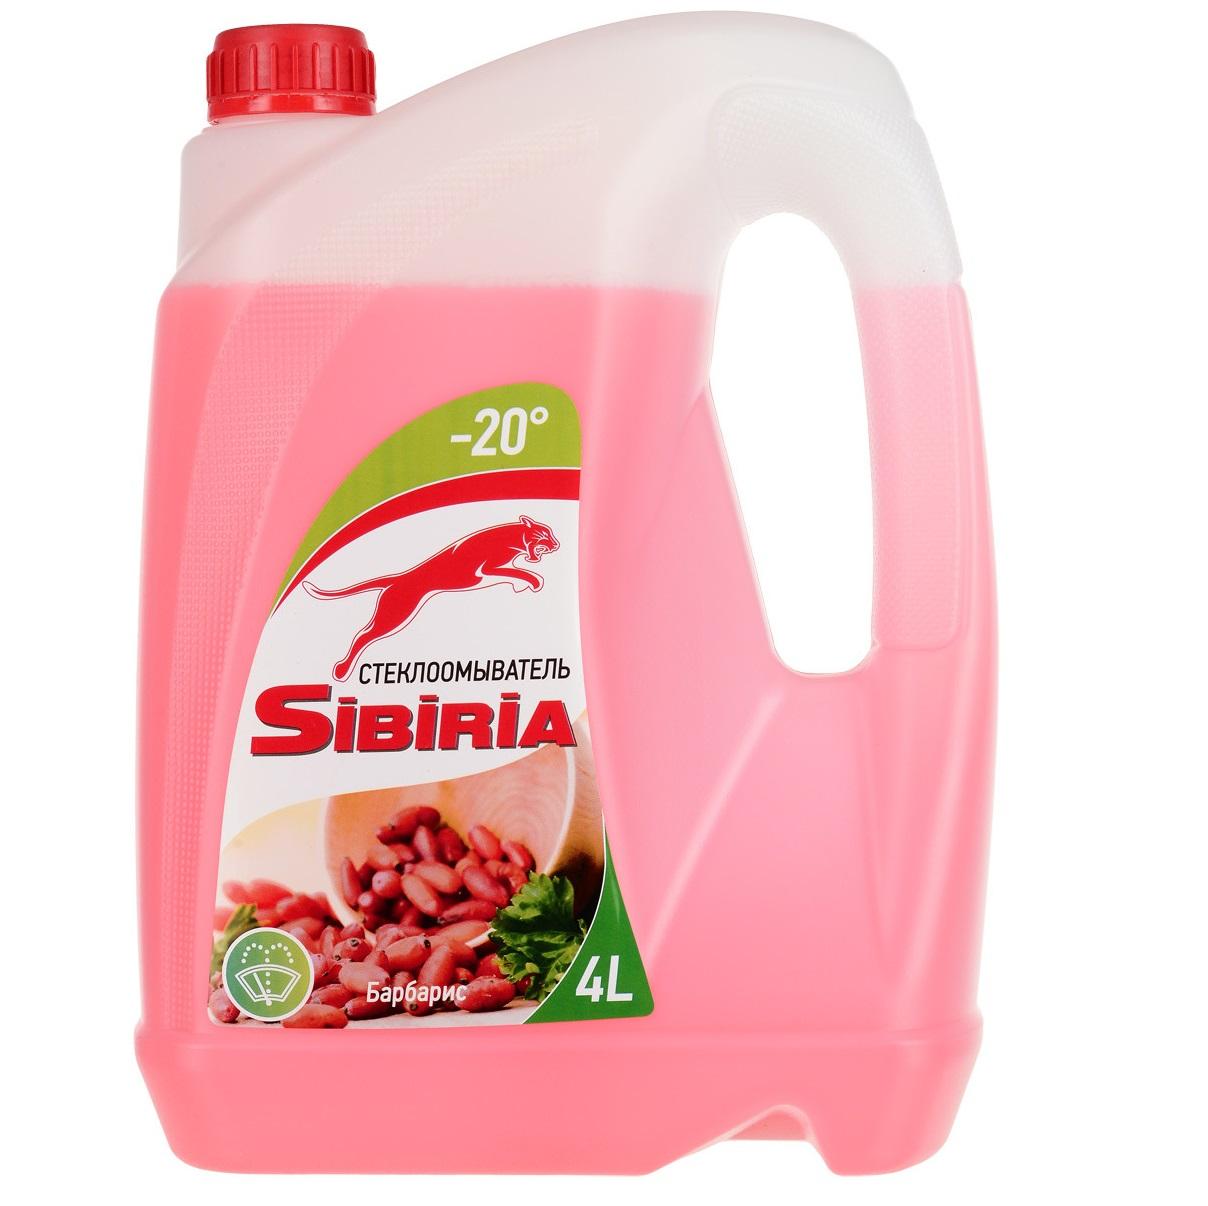 Жидкость незамерзающая Sibiria -20 барбарис 4л.